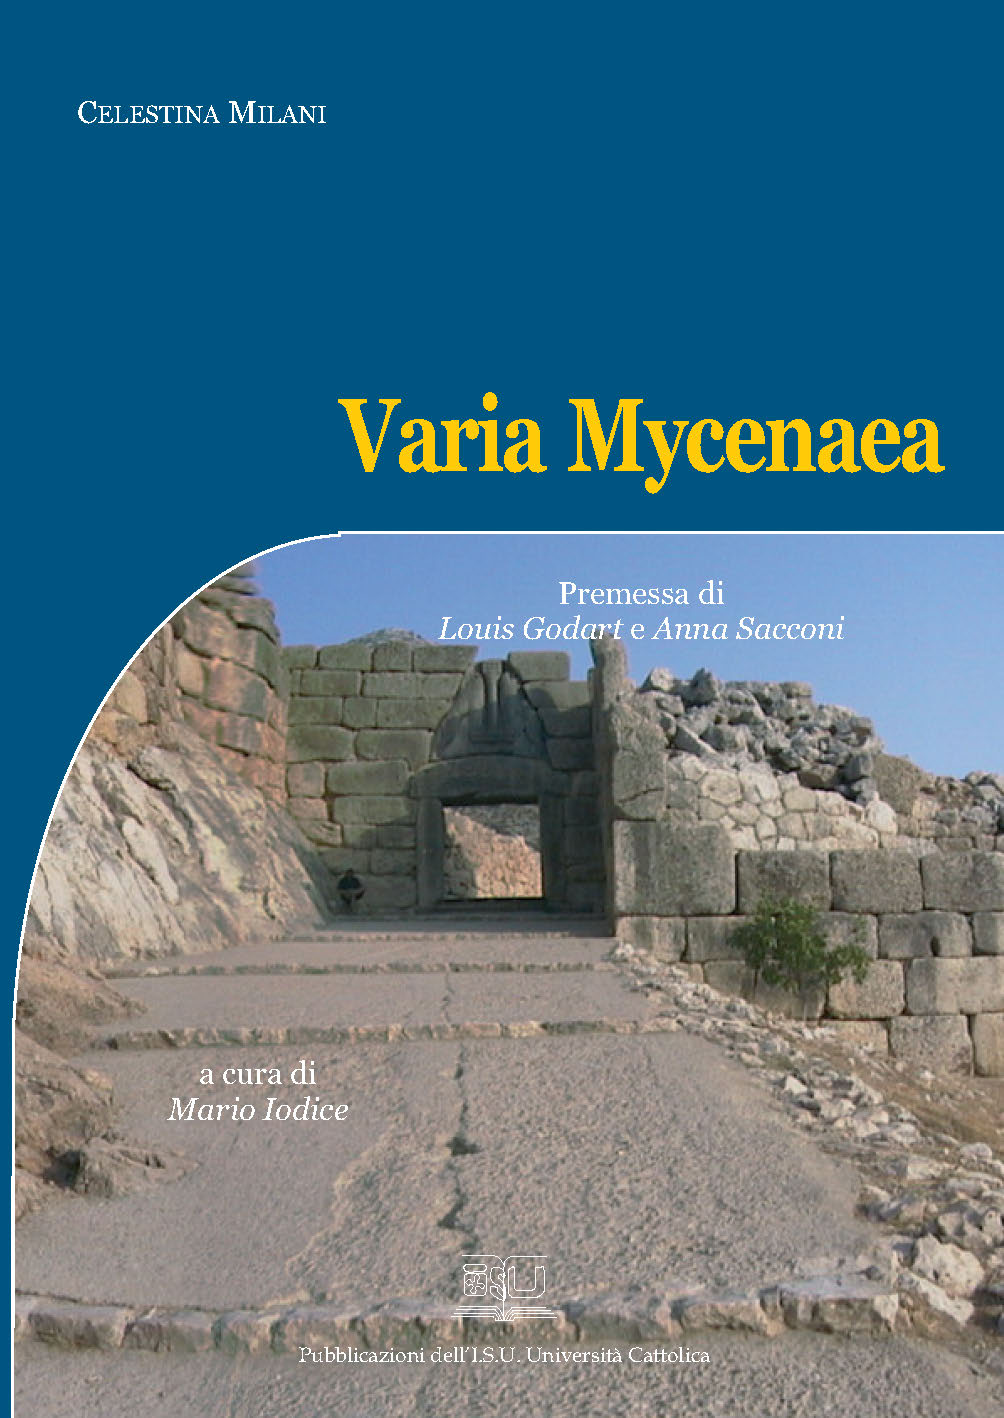 VARIA MYCENAEA (A CURA DI MARIO IODICE)